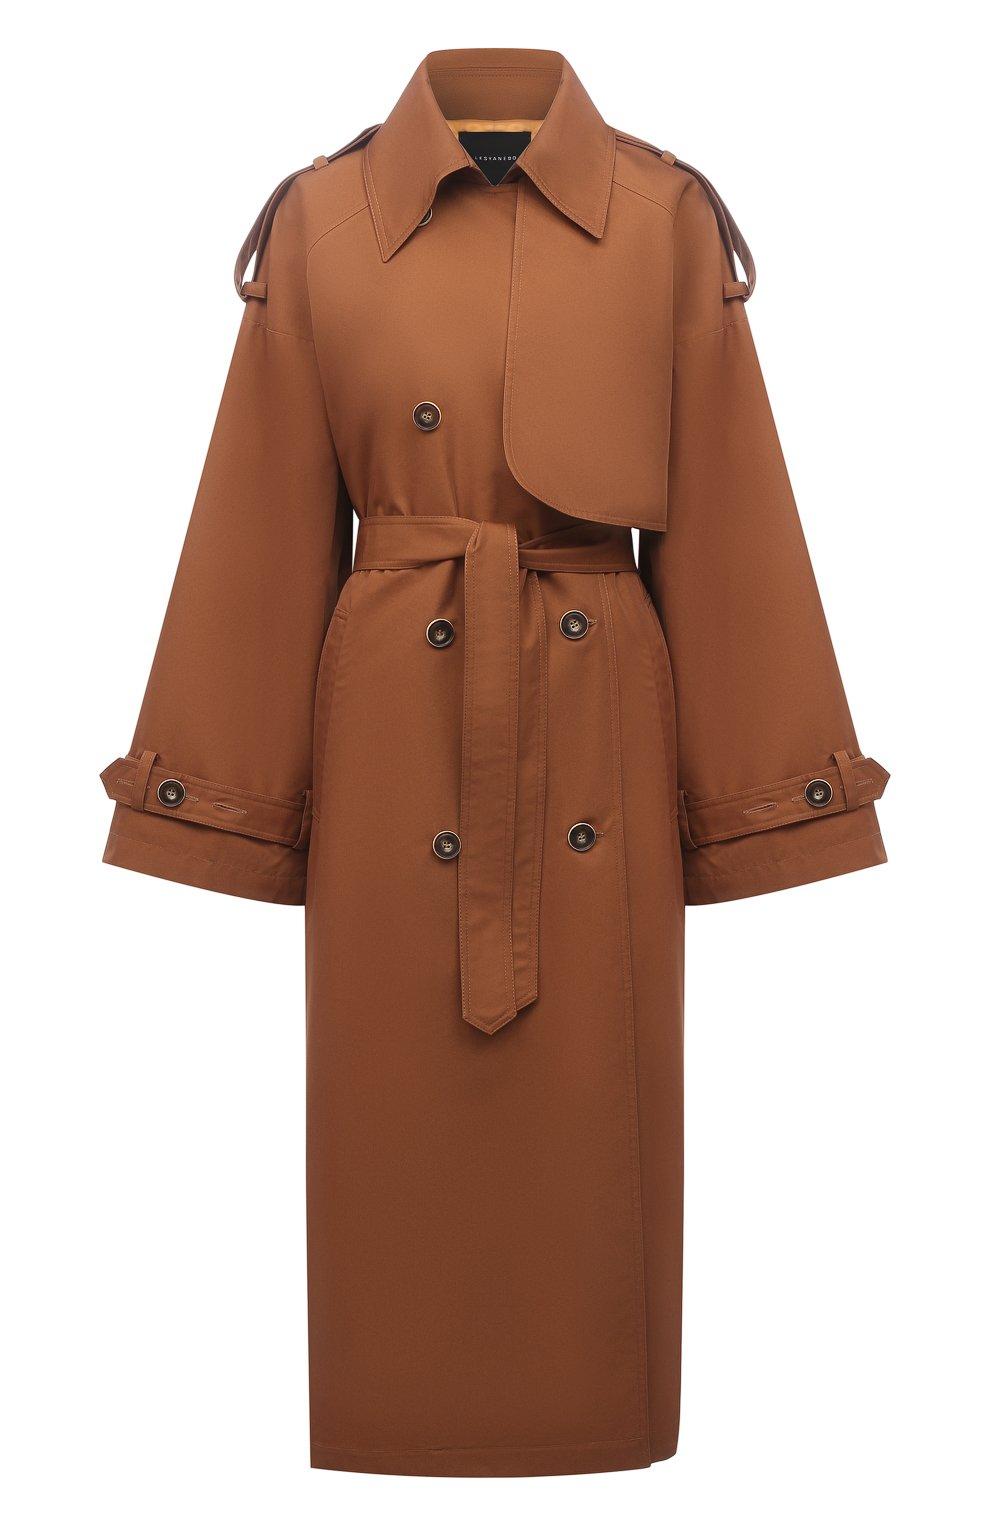 Женский двубортный тренч LESYANEBO коричневого цвета, арт. SS21/Н-465_9 | Фото 1 (Рукава: Длинные; Материал внешний: Синтетический материал, Хлопок; Длина (верхняя одежда): Длинные; Стили: Кэжуэл)